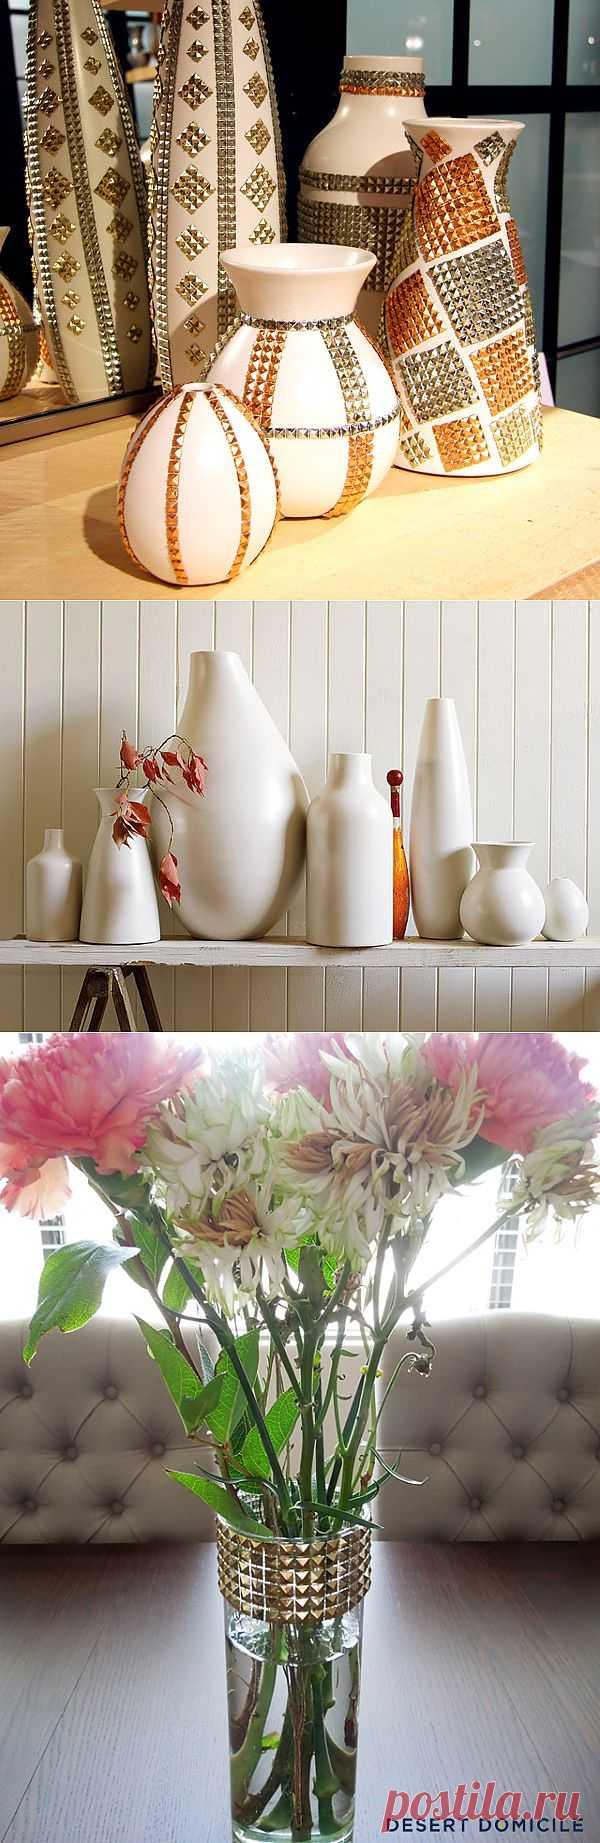 Шипастые цветочные вазы (подборка) / Цветы / Модный сайт о стильной переделке одежды и интерьера